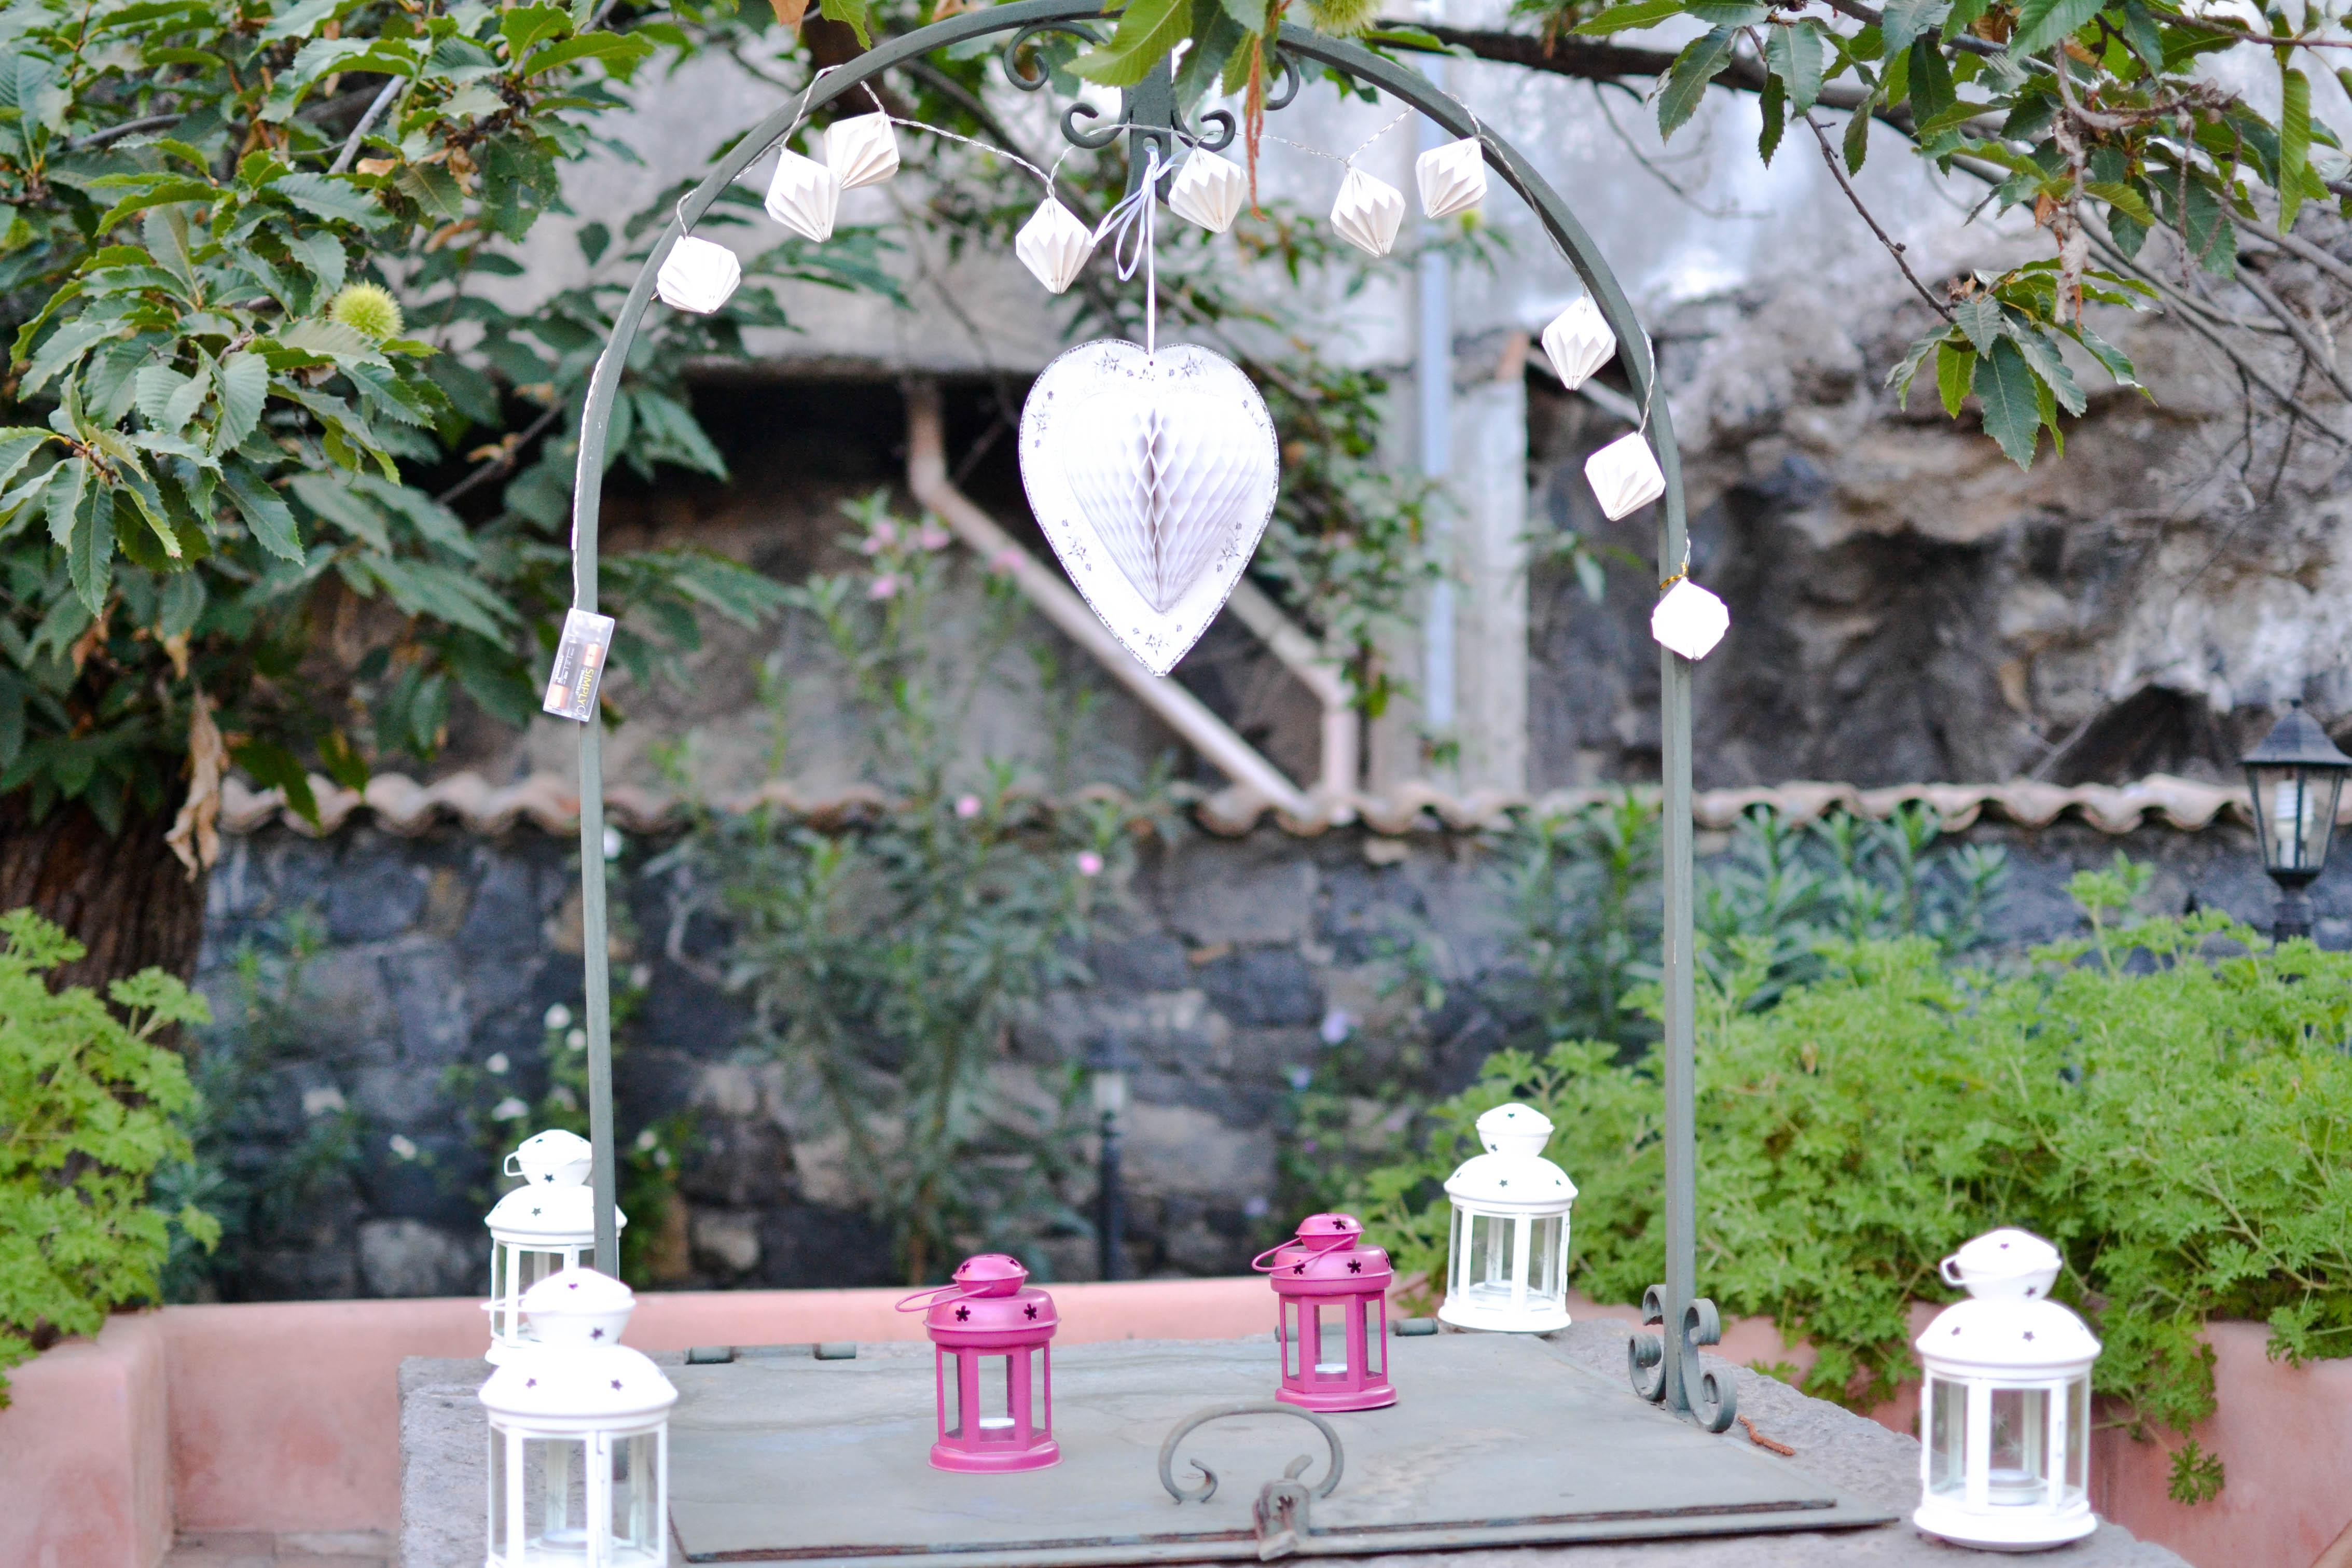 come organizzare compleanno in giardino